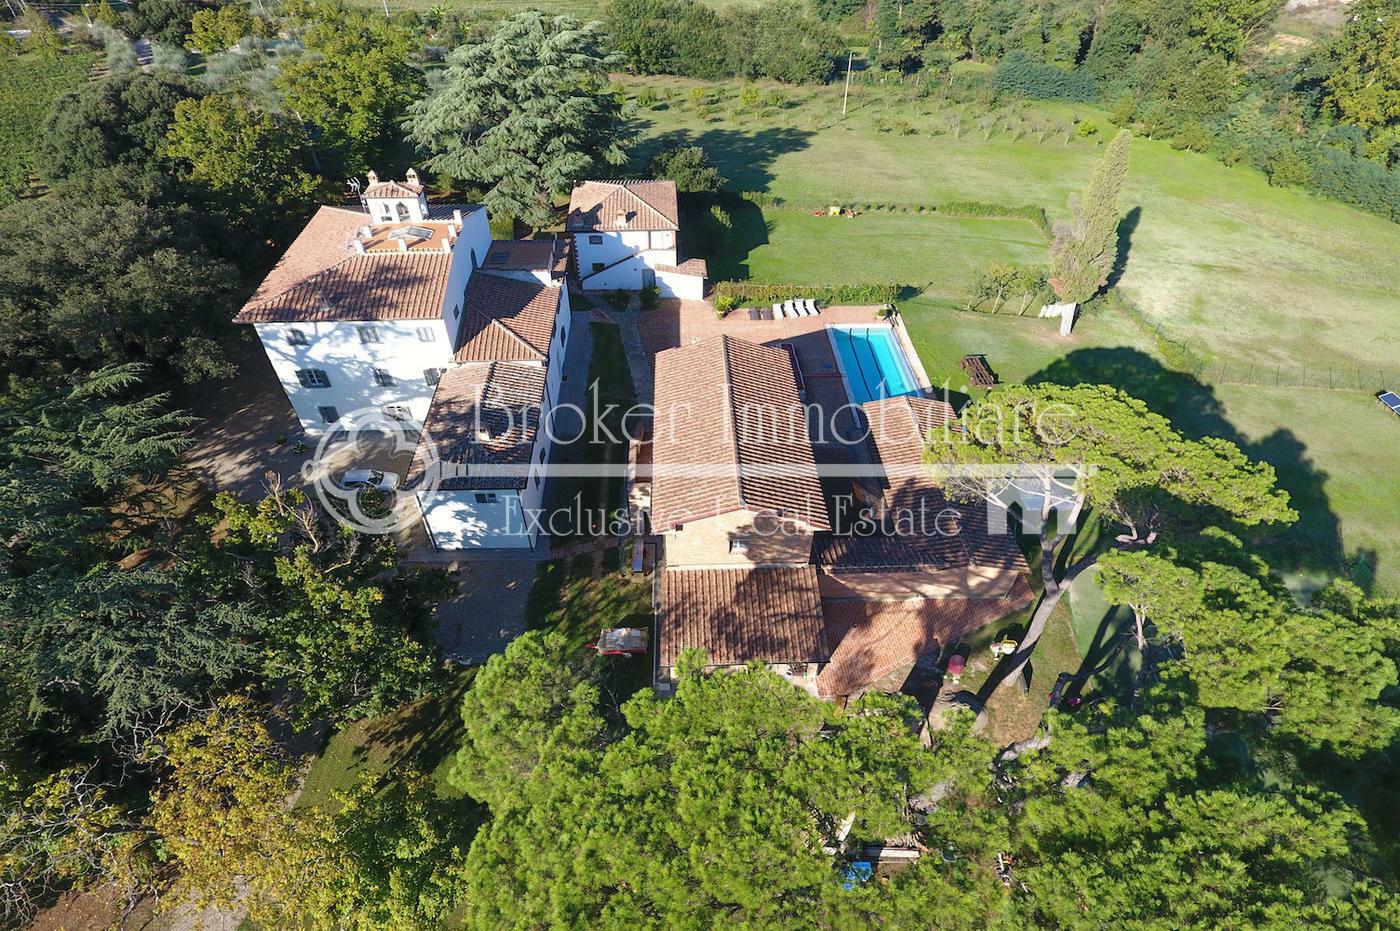 Villa storica in vendita in Toscana, con piscina, depandance e 5,5 ettari di terreno